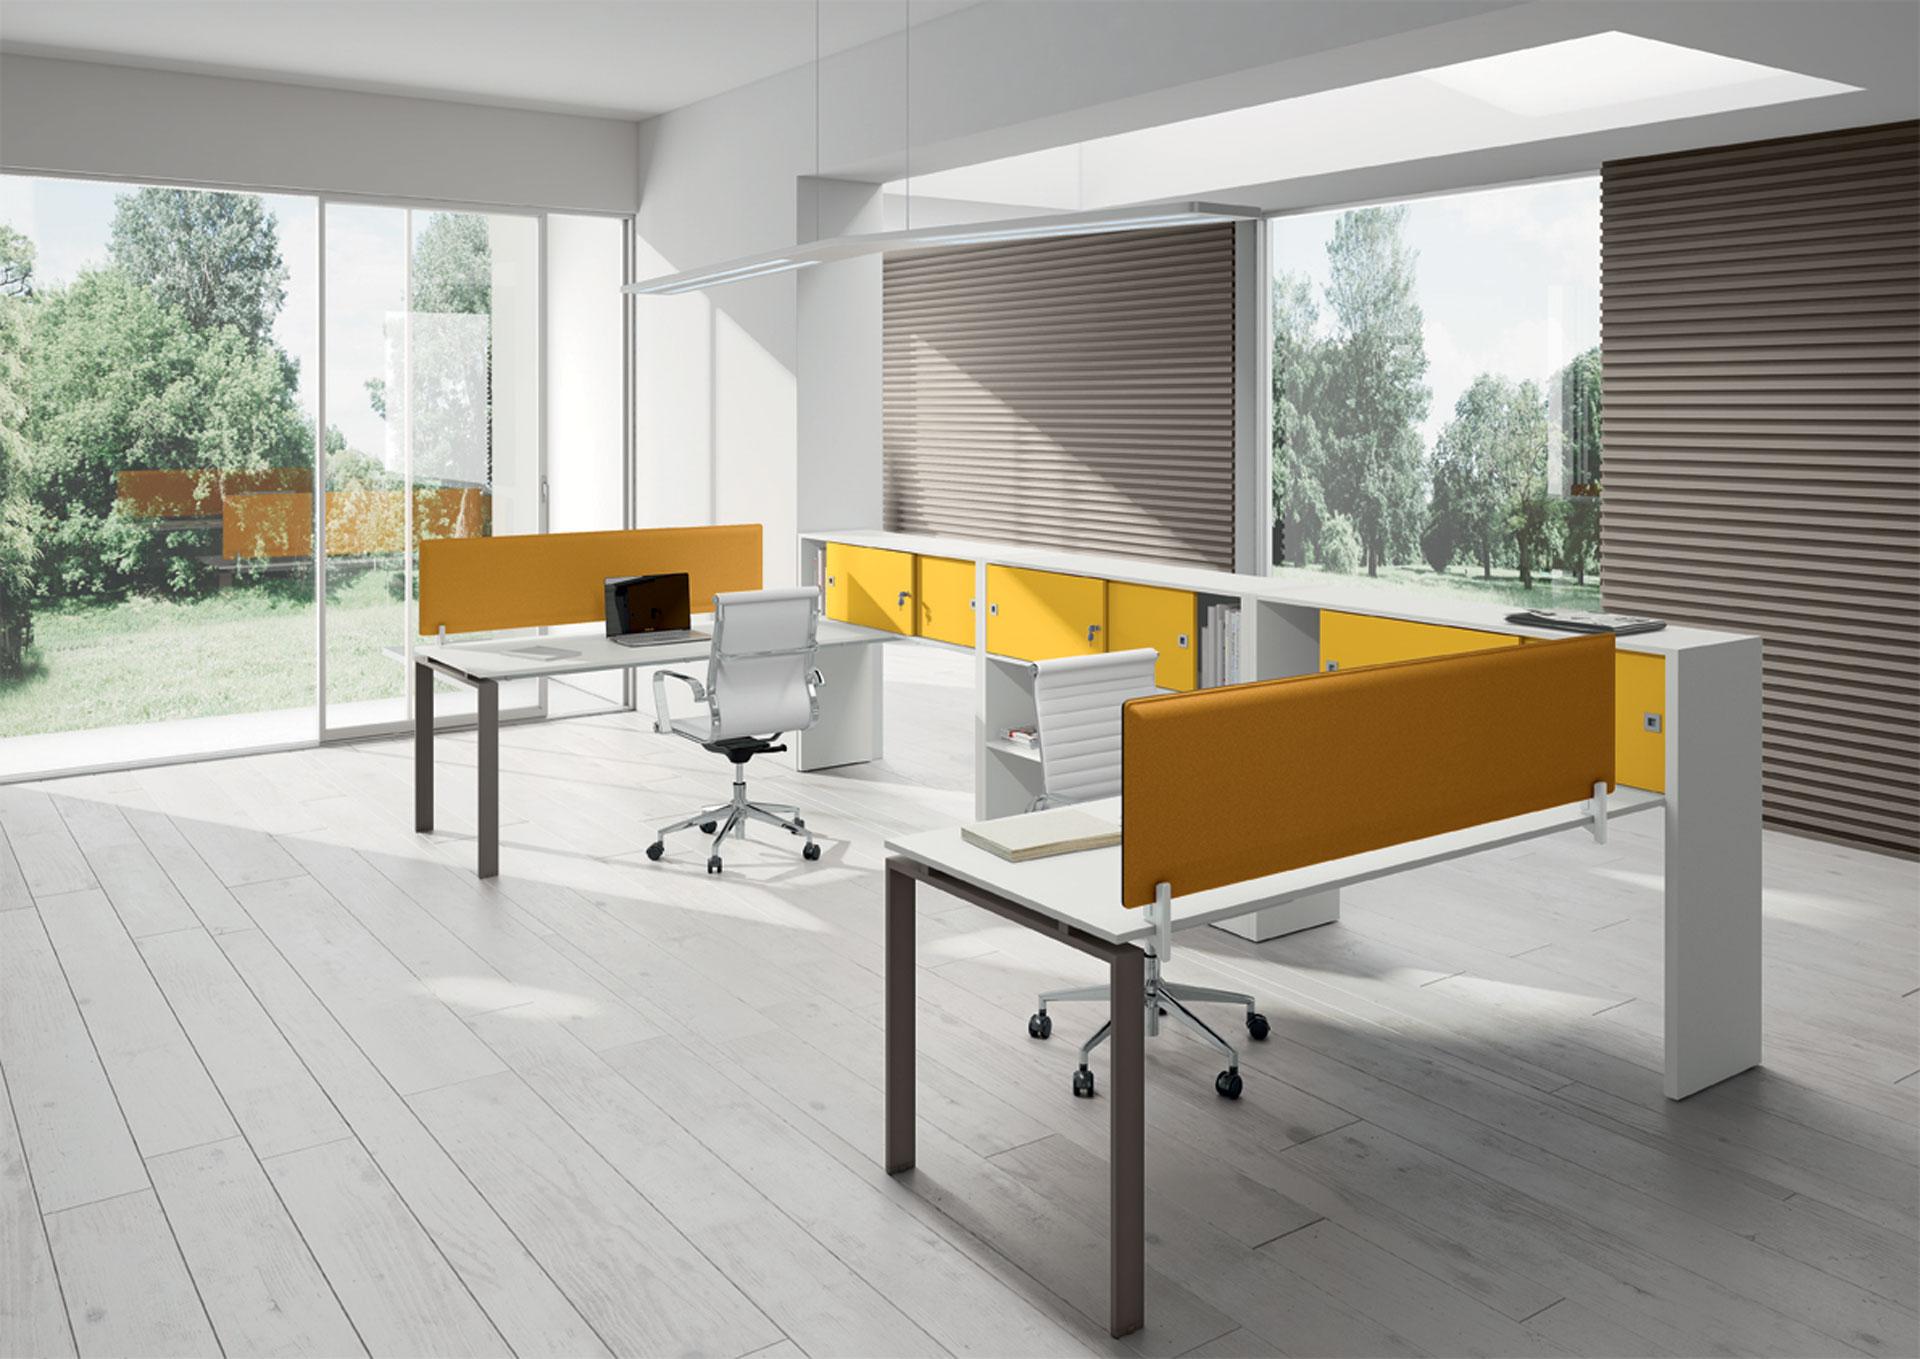 Ufficio operativo loft 1 arredamento per ufficio i for Mobili metallici per ufficio